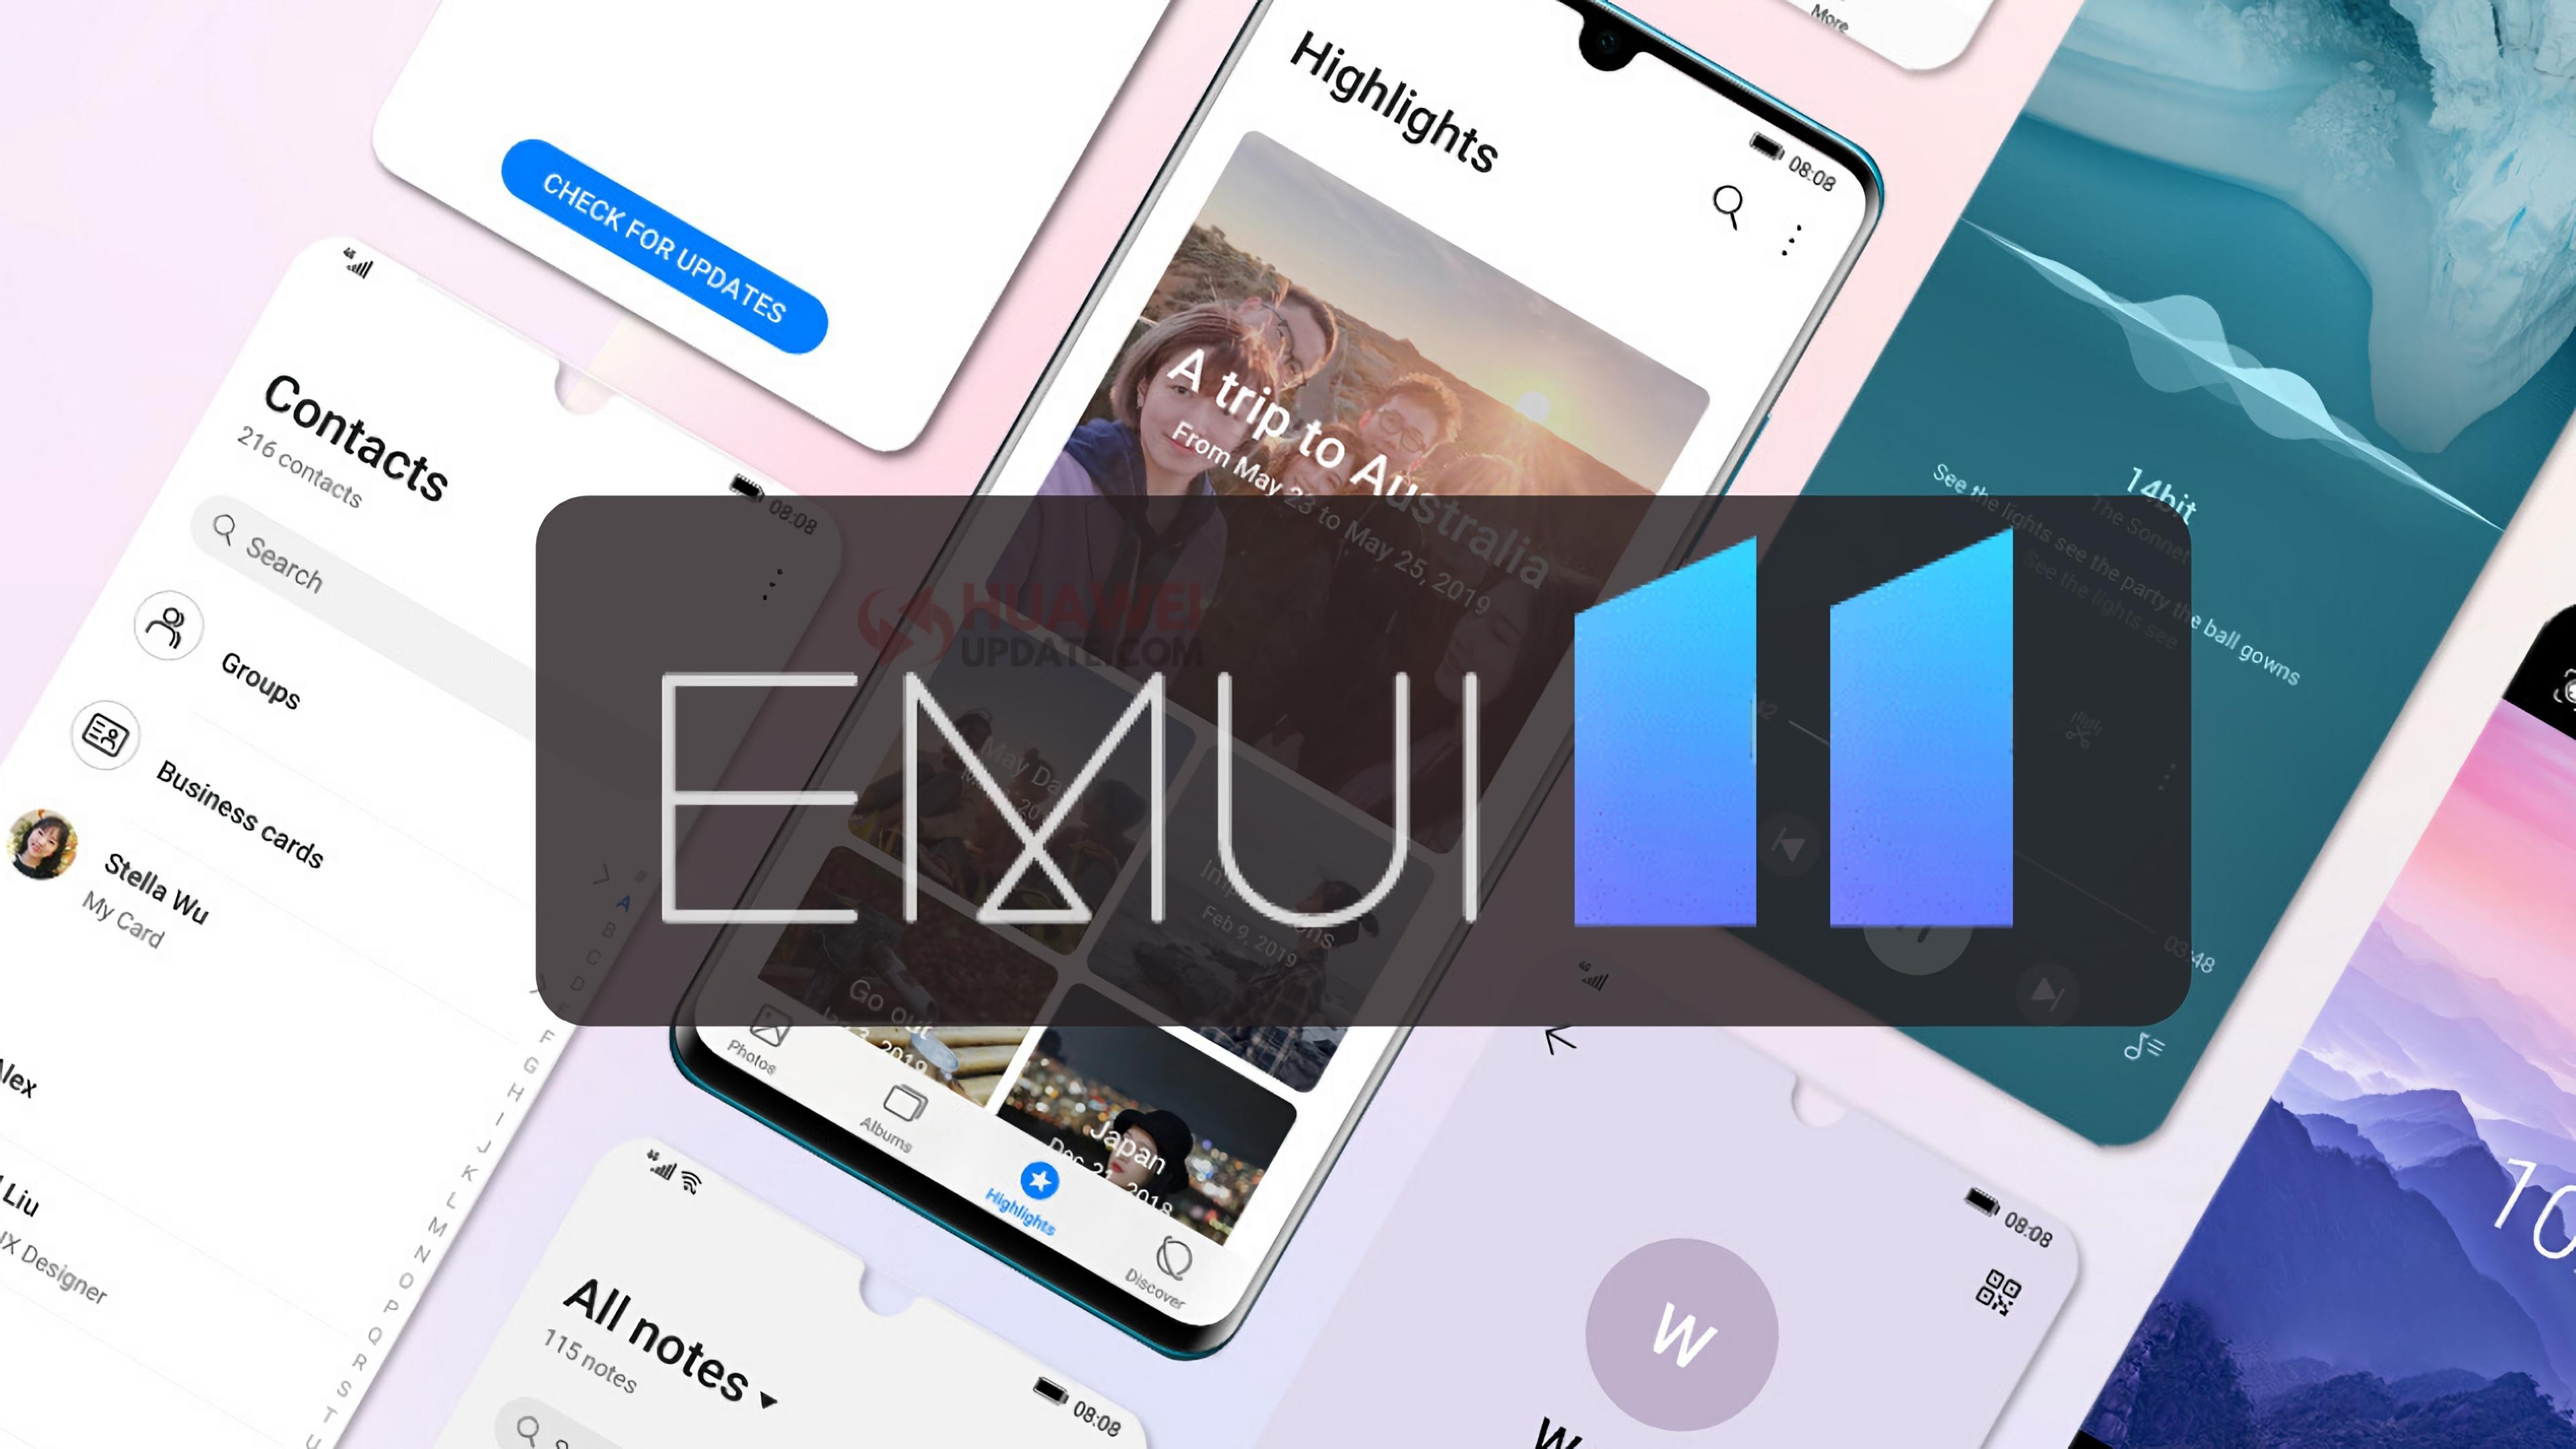 Huawei P40, Huawei P40 Pro, Huawei P40 Pro+ и Huawei Mate 40 Pro получили бета-версию EMUI 11 на глобальном рынке